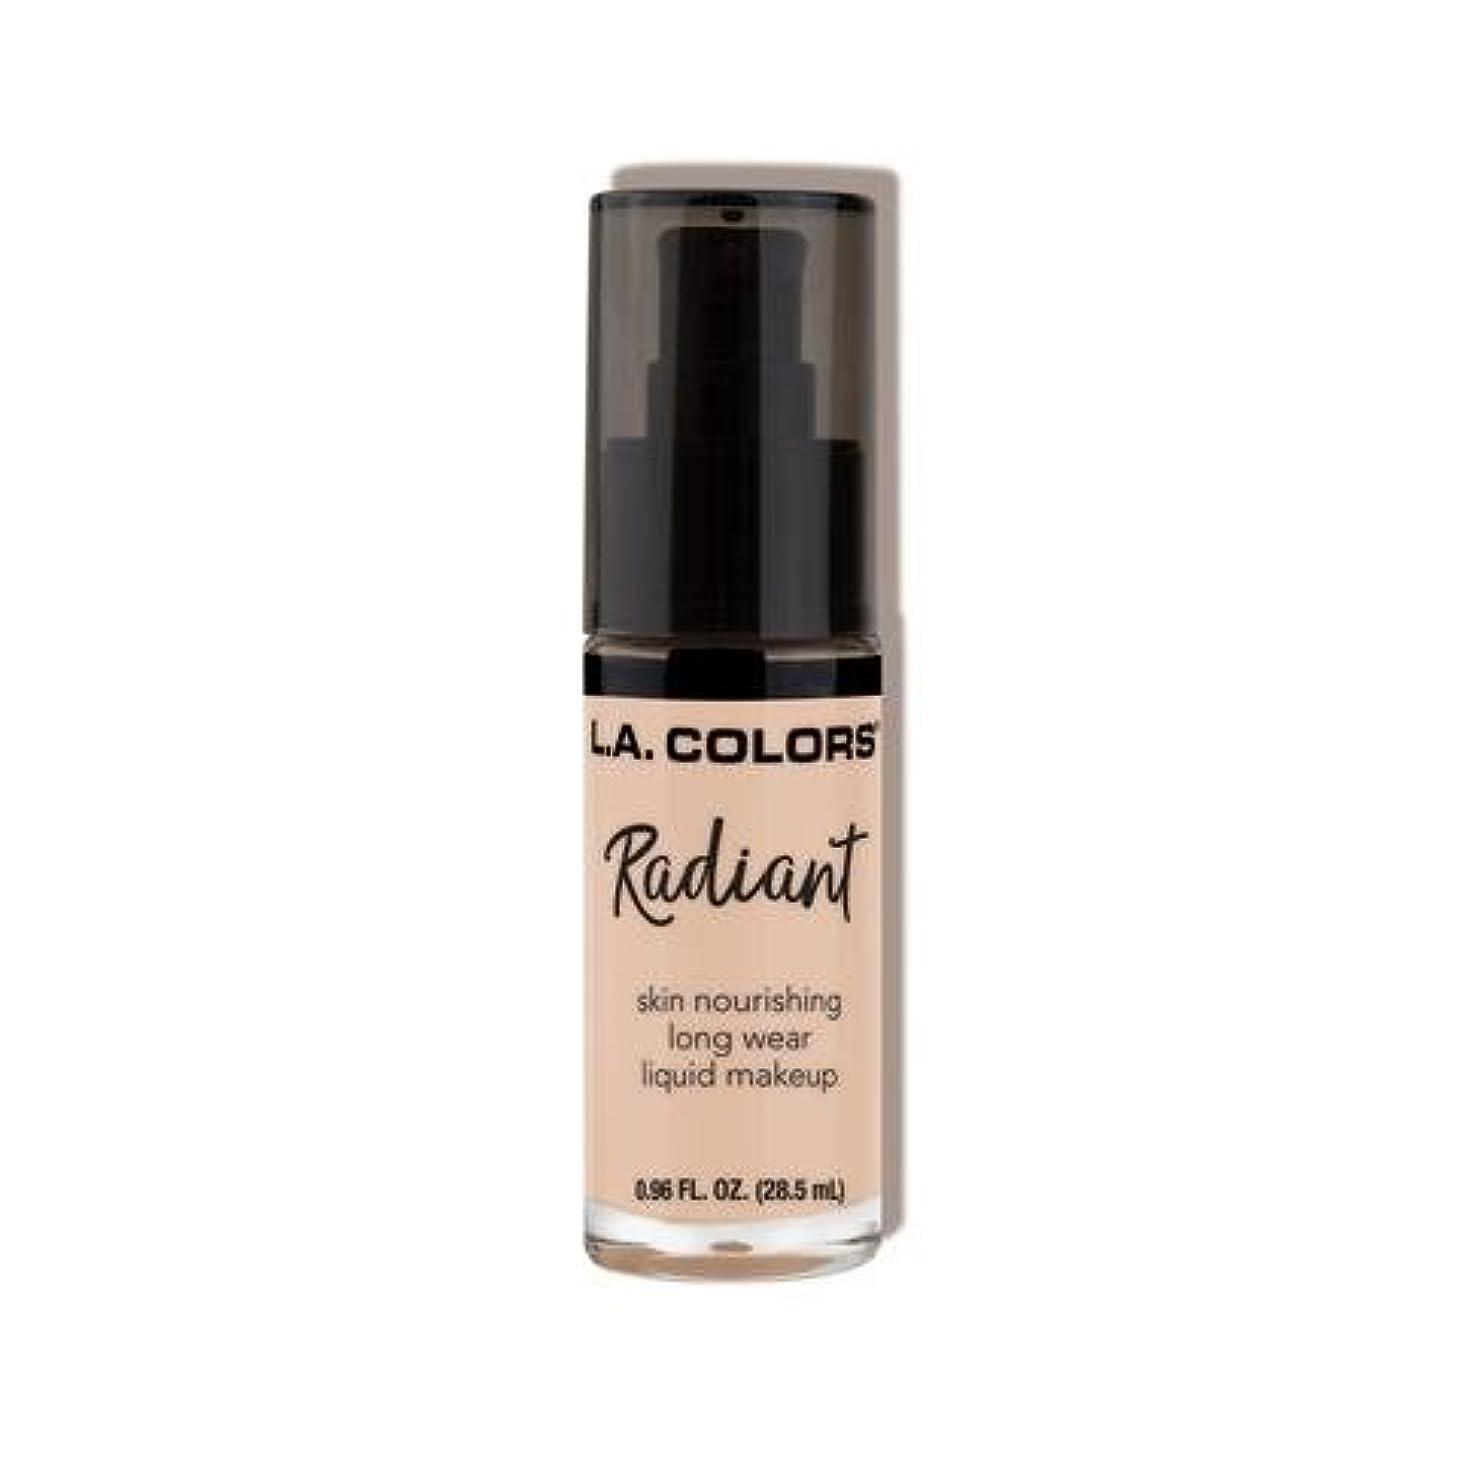 放散する再集計気怠い(3 Pack) L.A. COLORS Radiant Liquid Makeup - Ivory (並行輸入品)